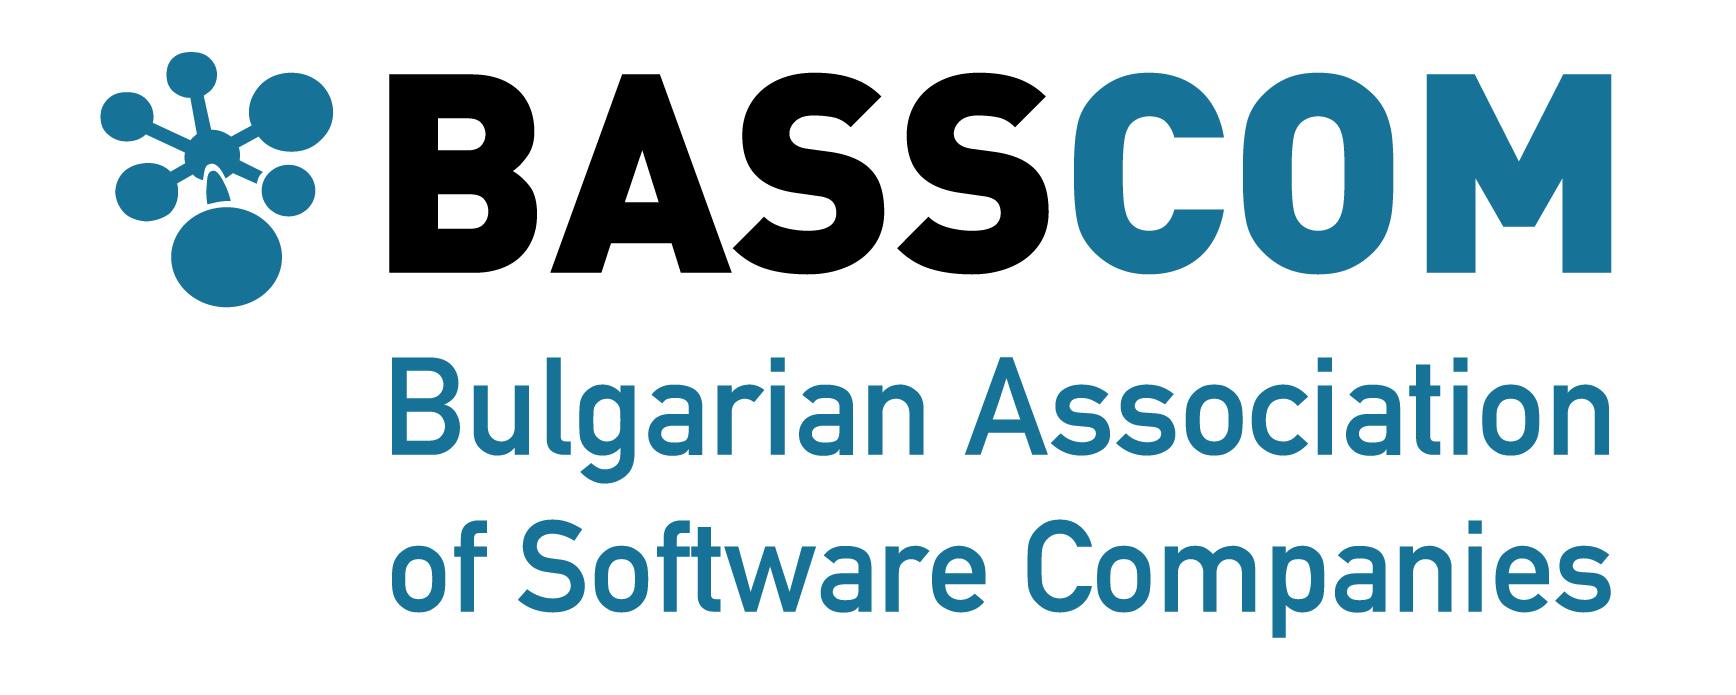 https://www.basscom.org/